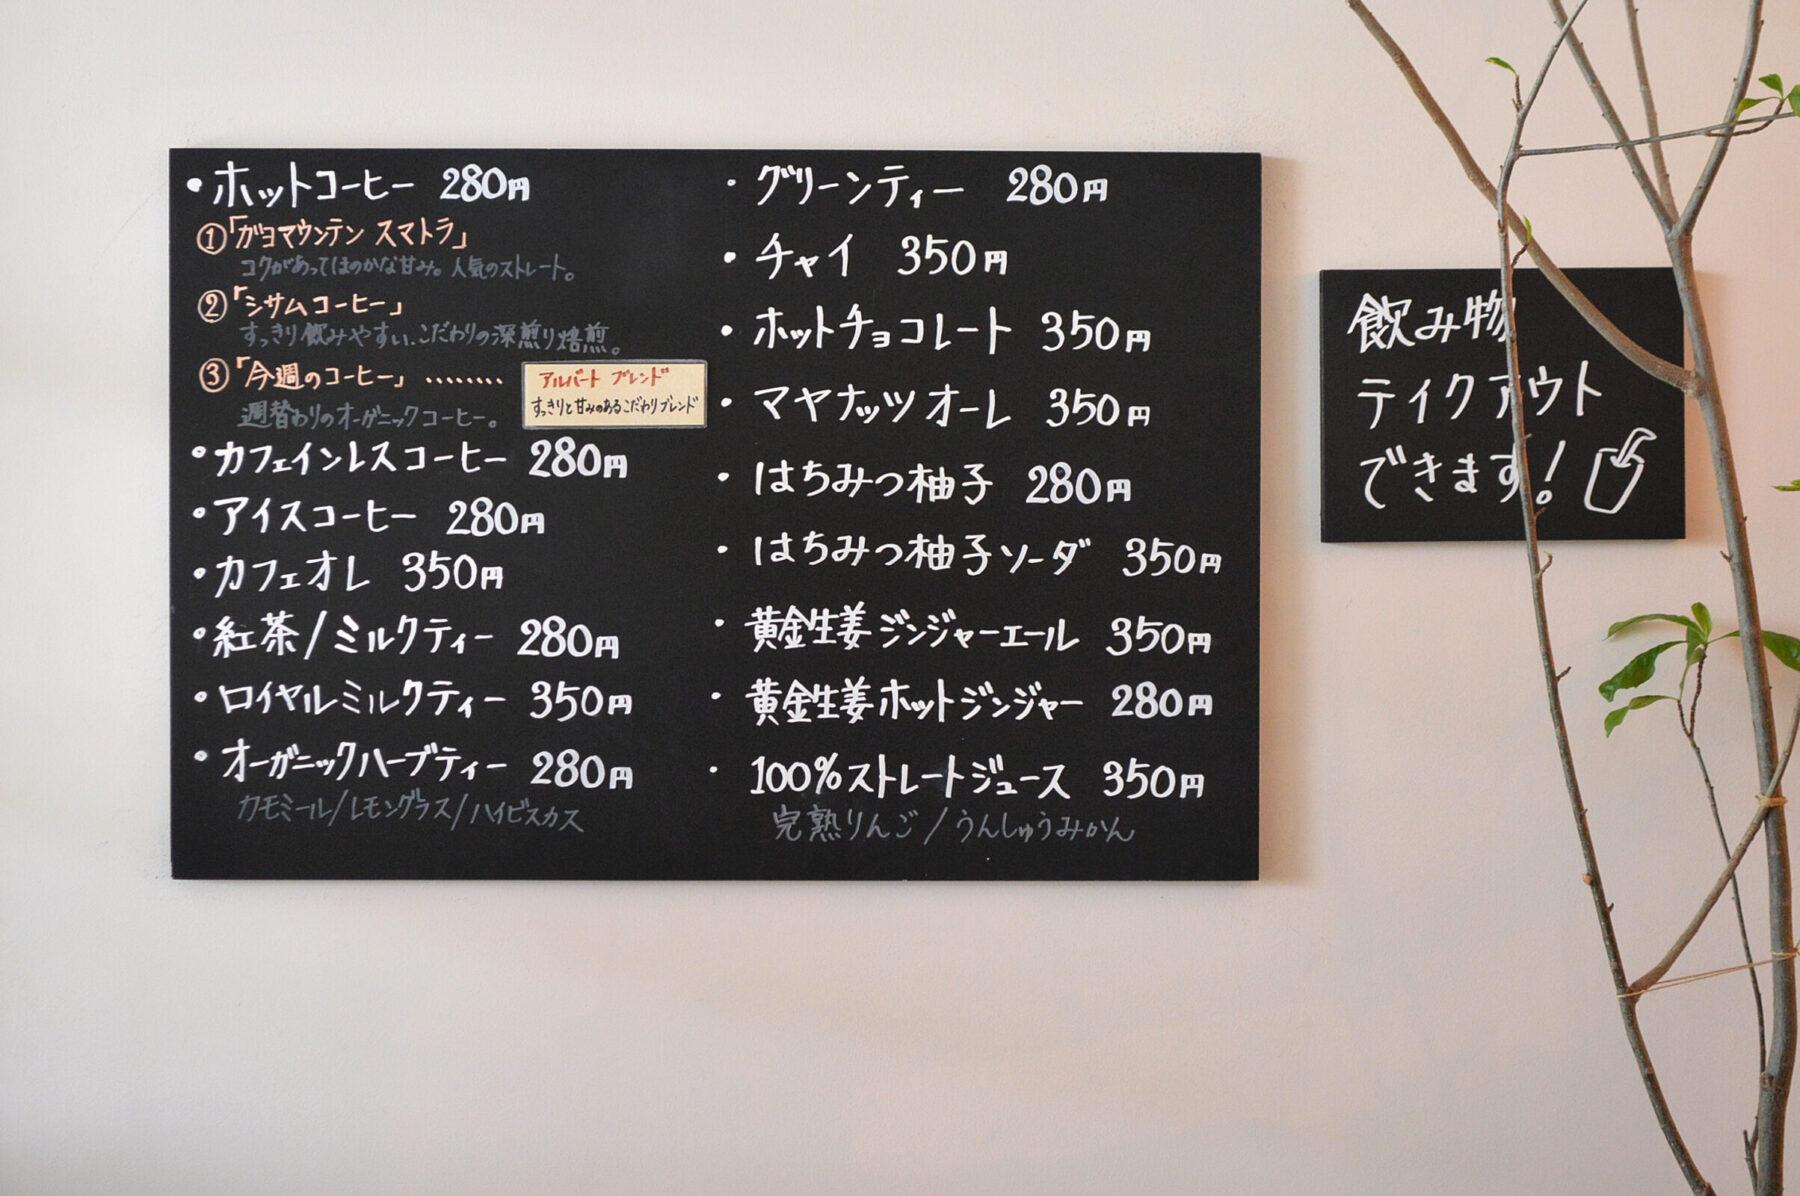 コネッタ 喫茶 メニュー